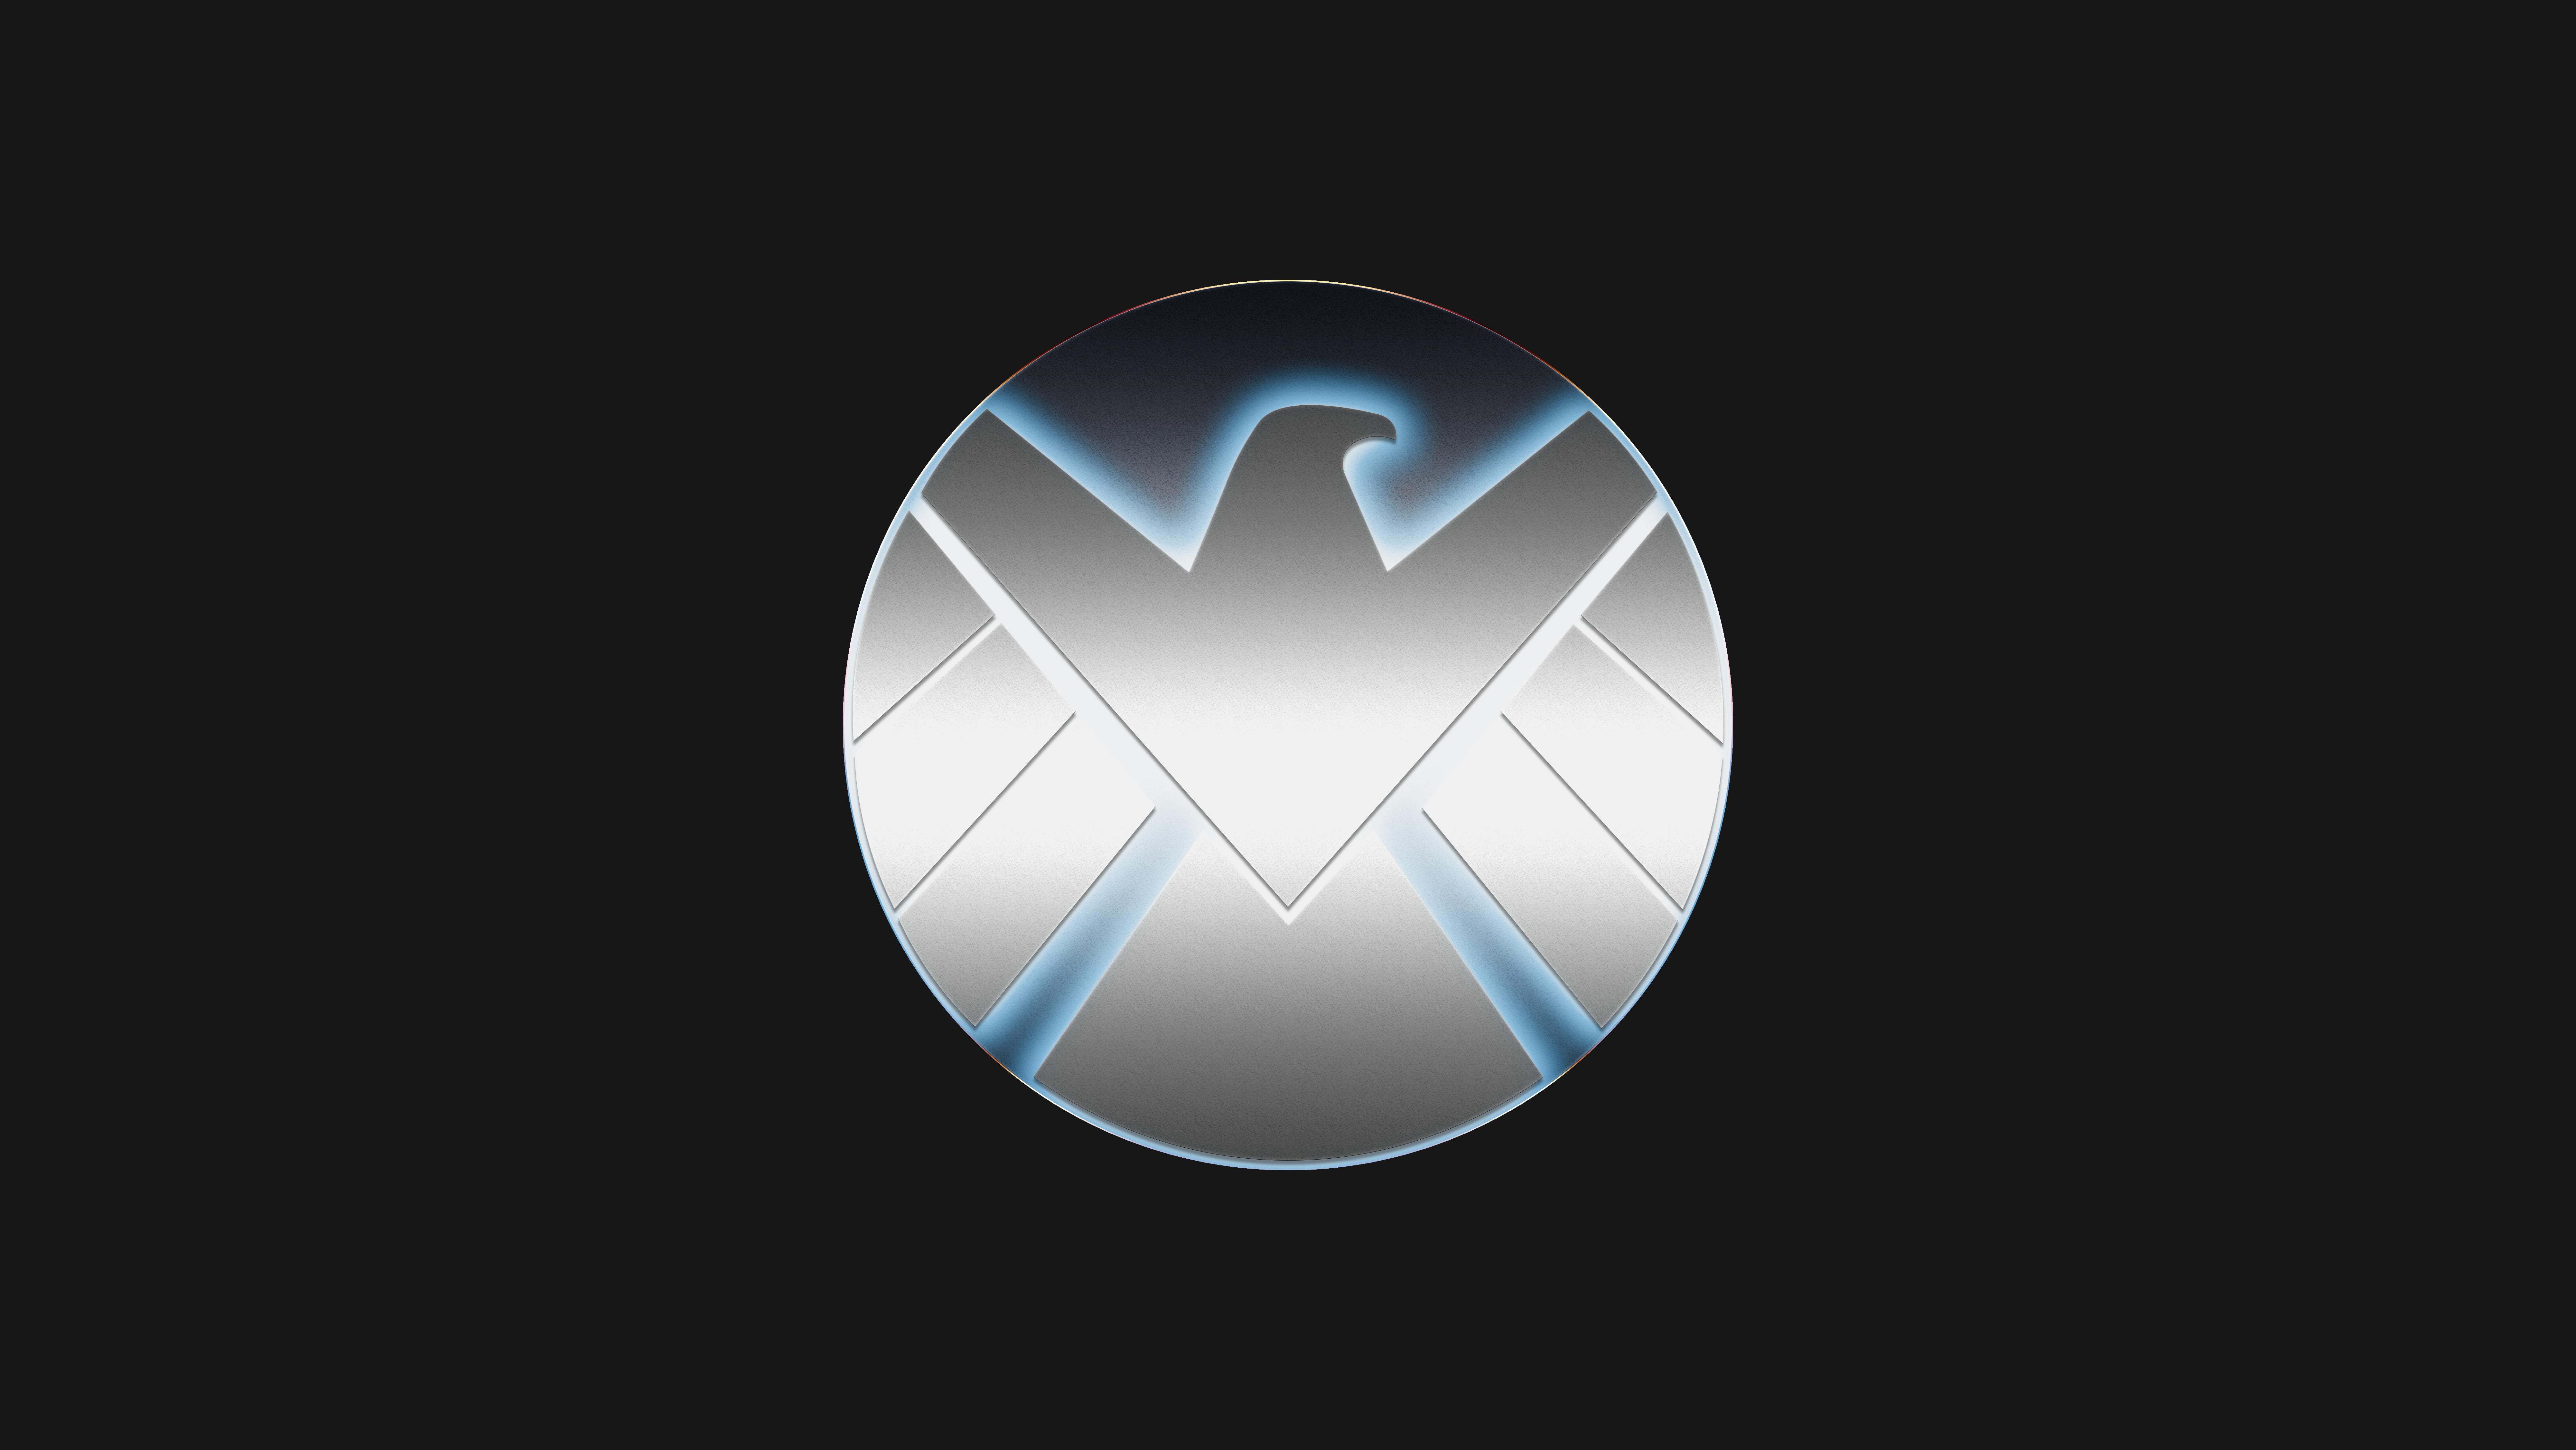 General 8004x4504 Marvel Comics Agents of S.H.I.E.L.D. S.H.I.E.L.D.